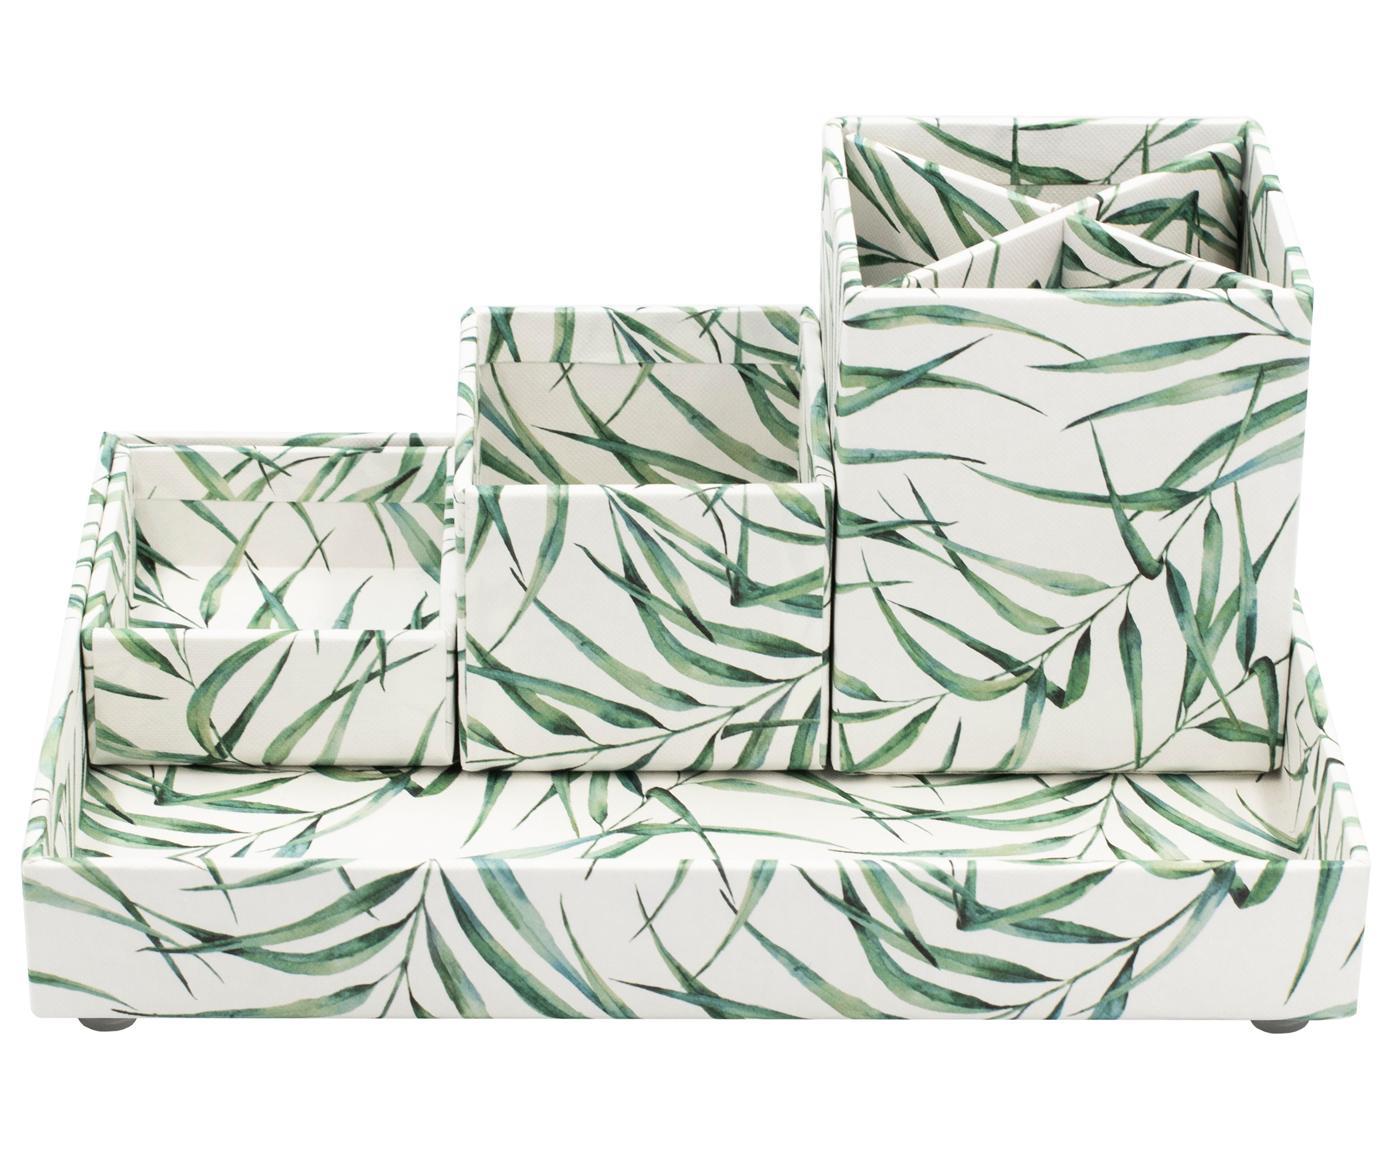 Organizador de escritorio Leaf, Cartón laminado macizo, Blanco, verde, Tamaños diferentes